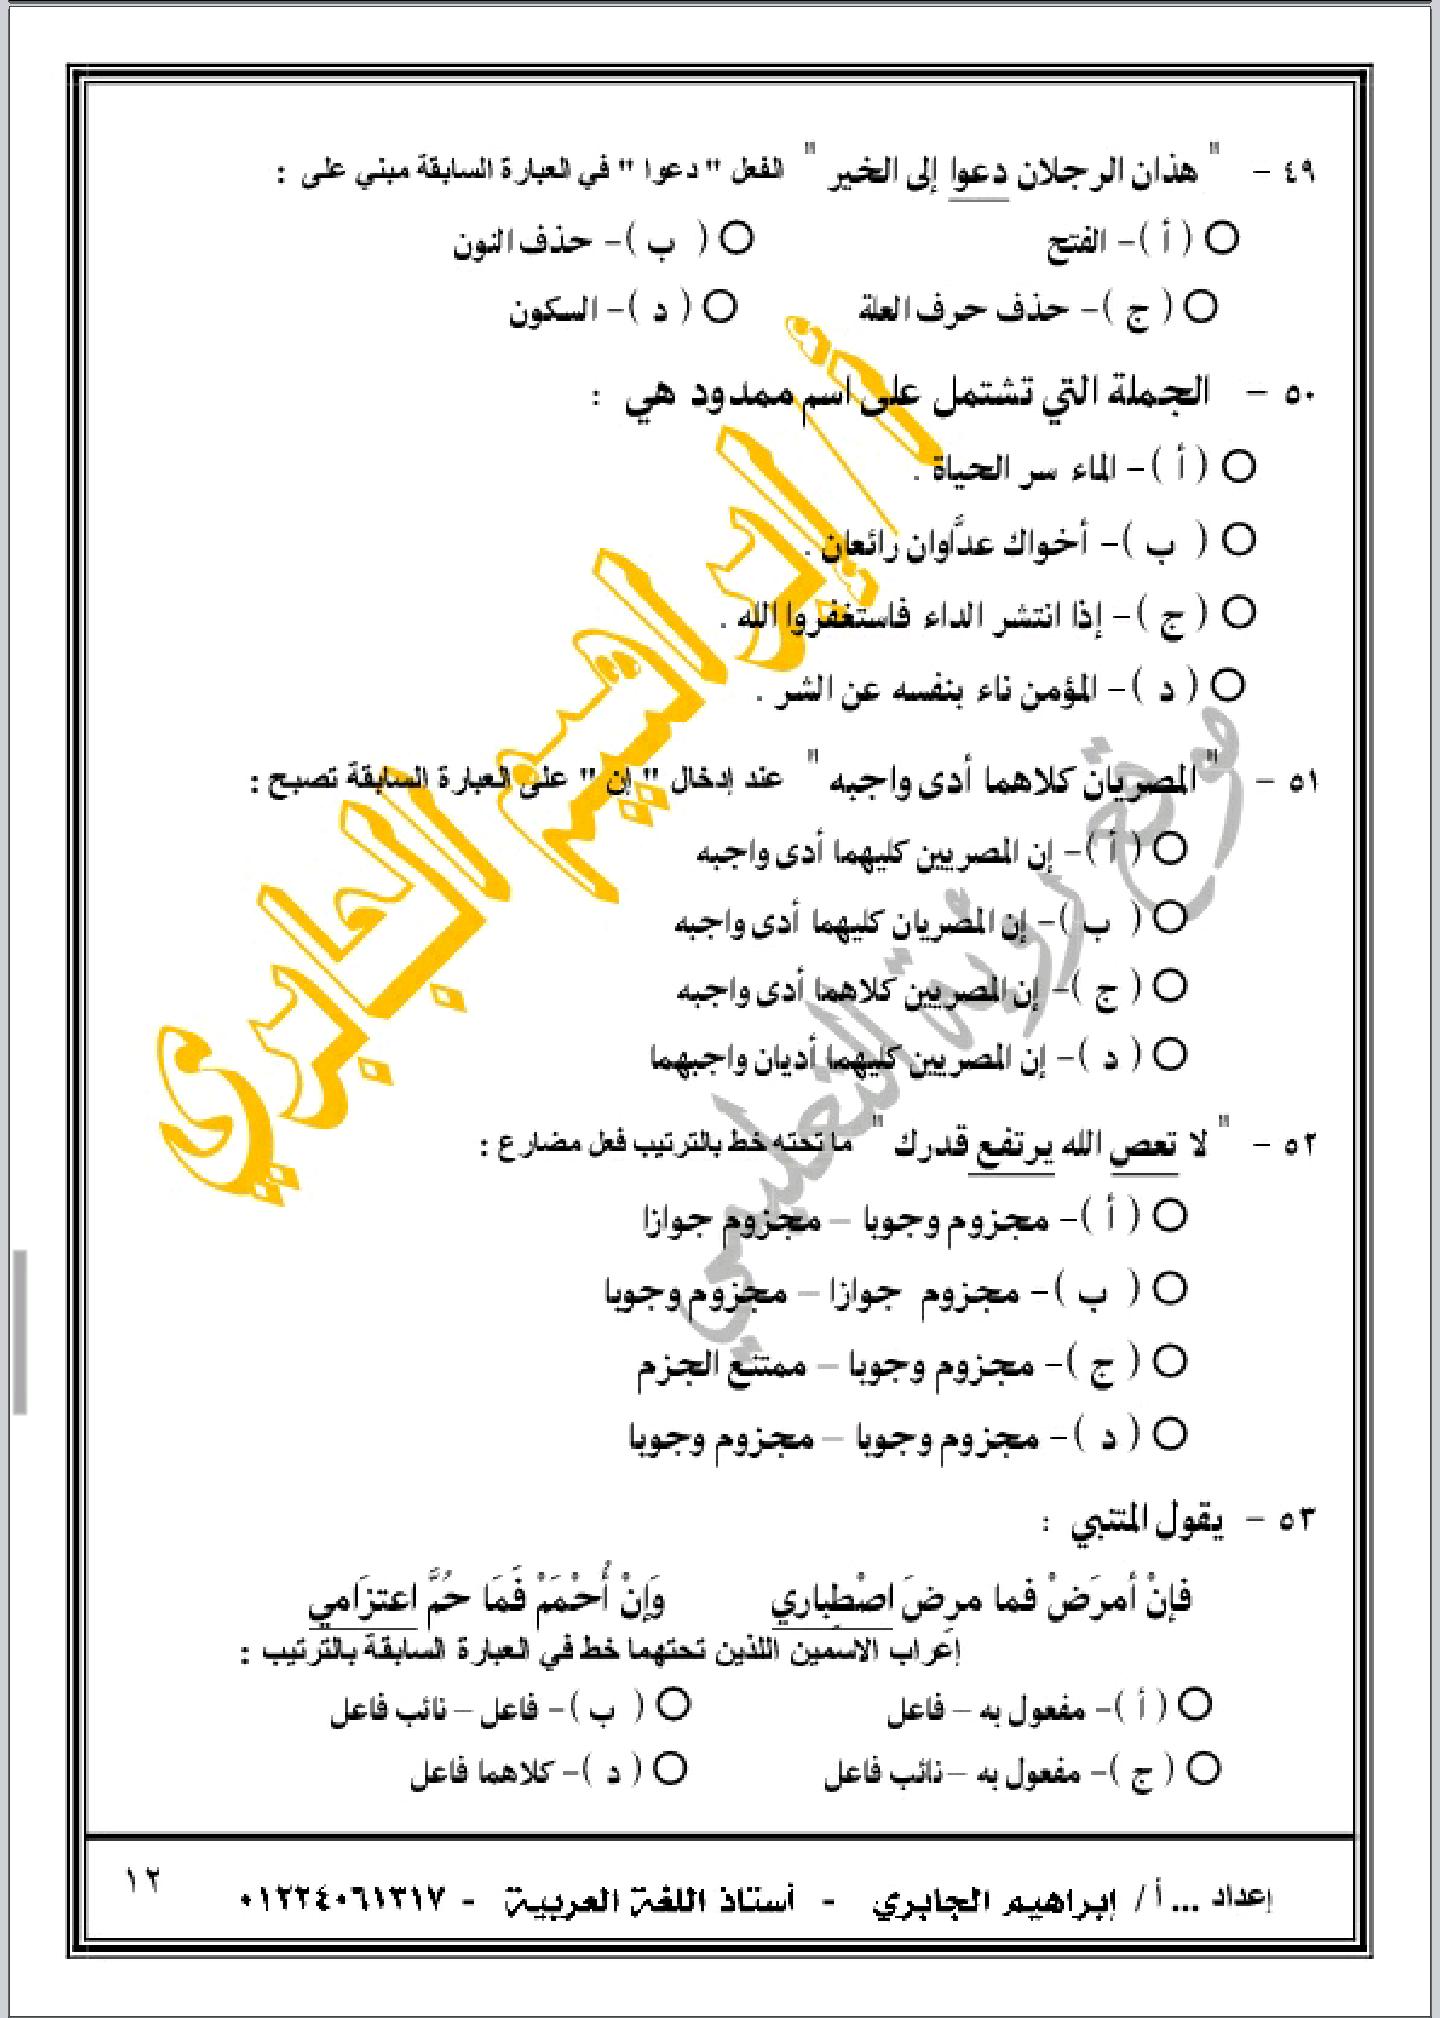 امتحان لغة عربية شامل للثانوية العامة نظام جديد 2021.. 70 سؤالا بالإجابات النموذجية Screenshot_%25D9%25A2%25D9%25A0%25D9%25A2%25D9%25A1-%25D9%25A0%25D9%25A4-%25D9%25A1%25D9%25A5-%25D9%25A0%25D9%25A1-%25D9%25A4%25D9%25A1-%25D9%25A4%25D9%25A7-1